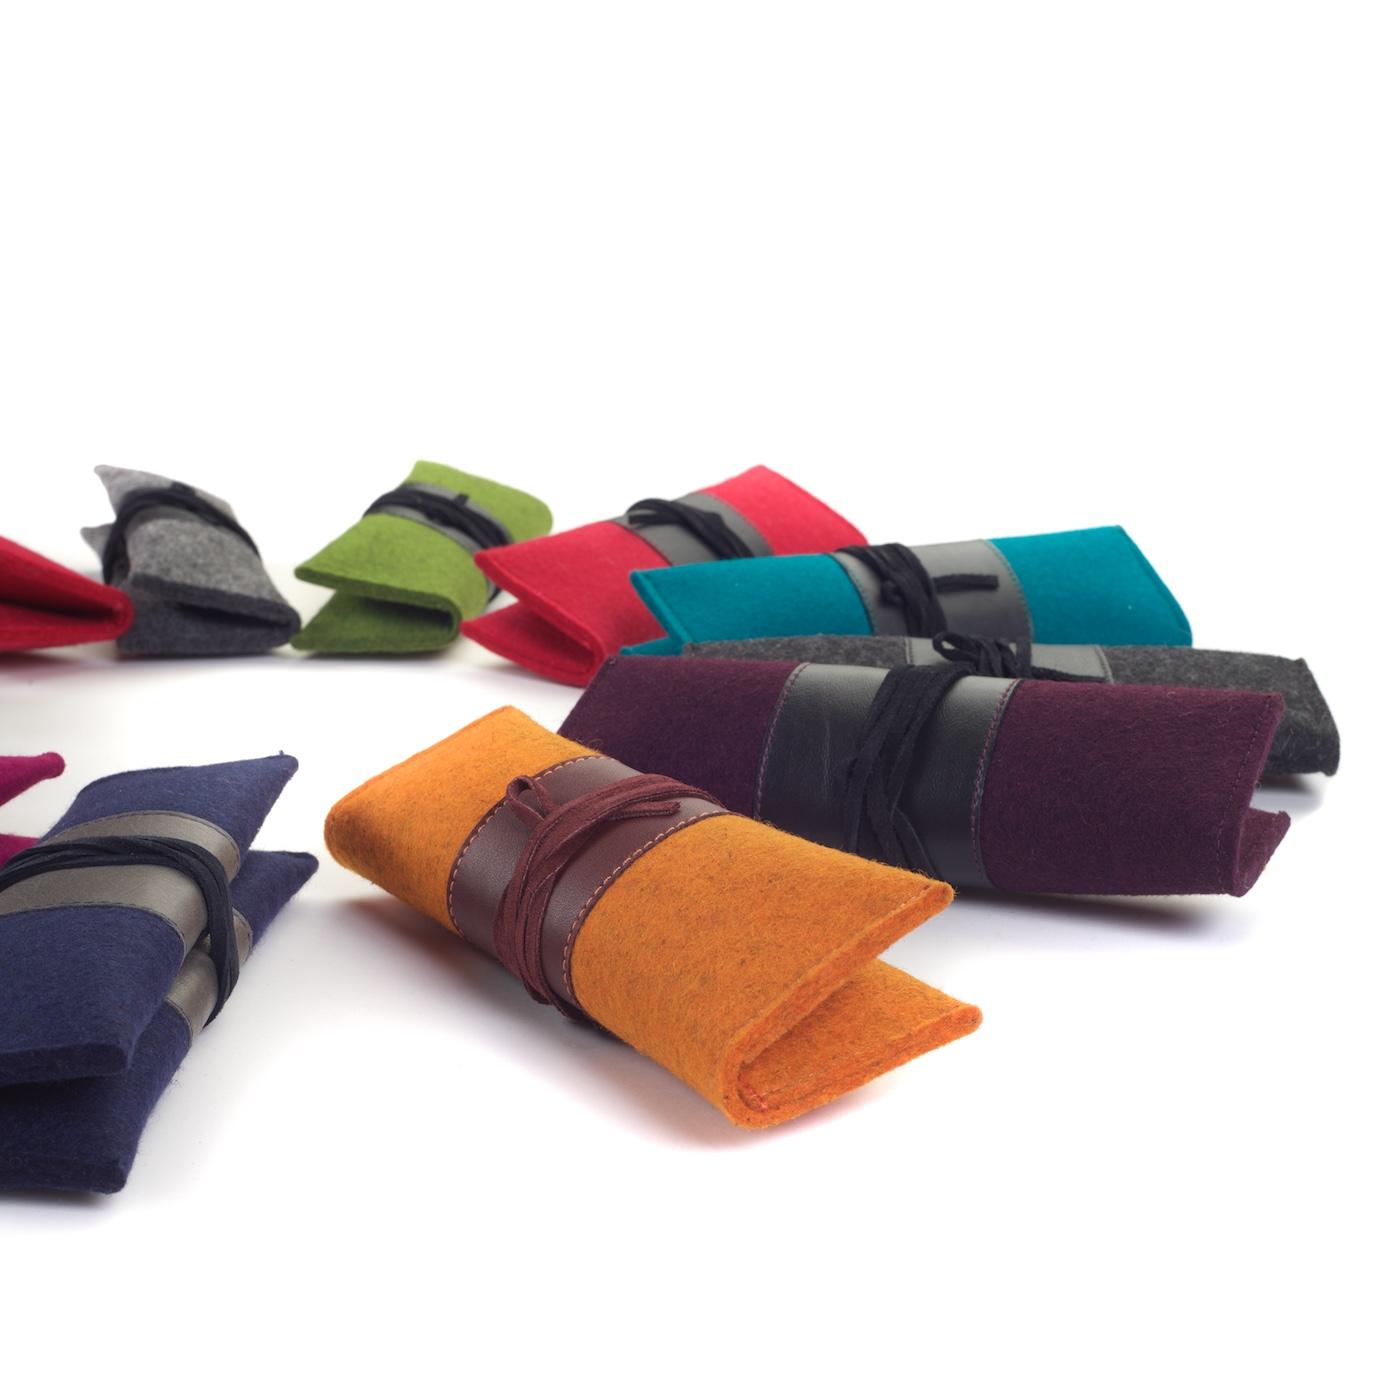 Stifte Etui Jette in verschiedenen Farben